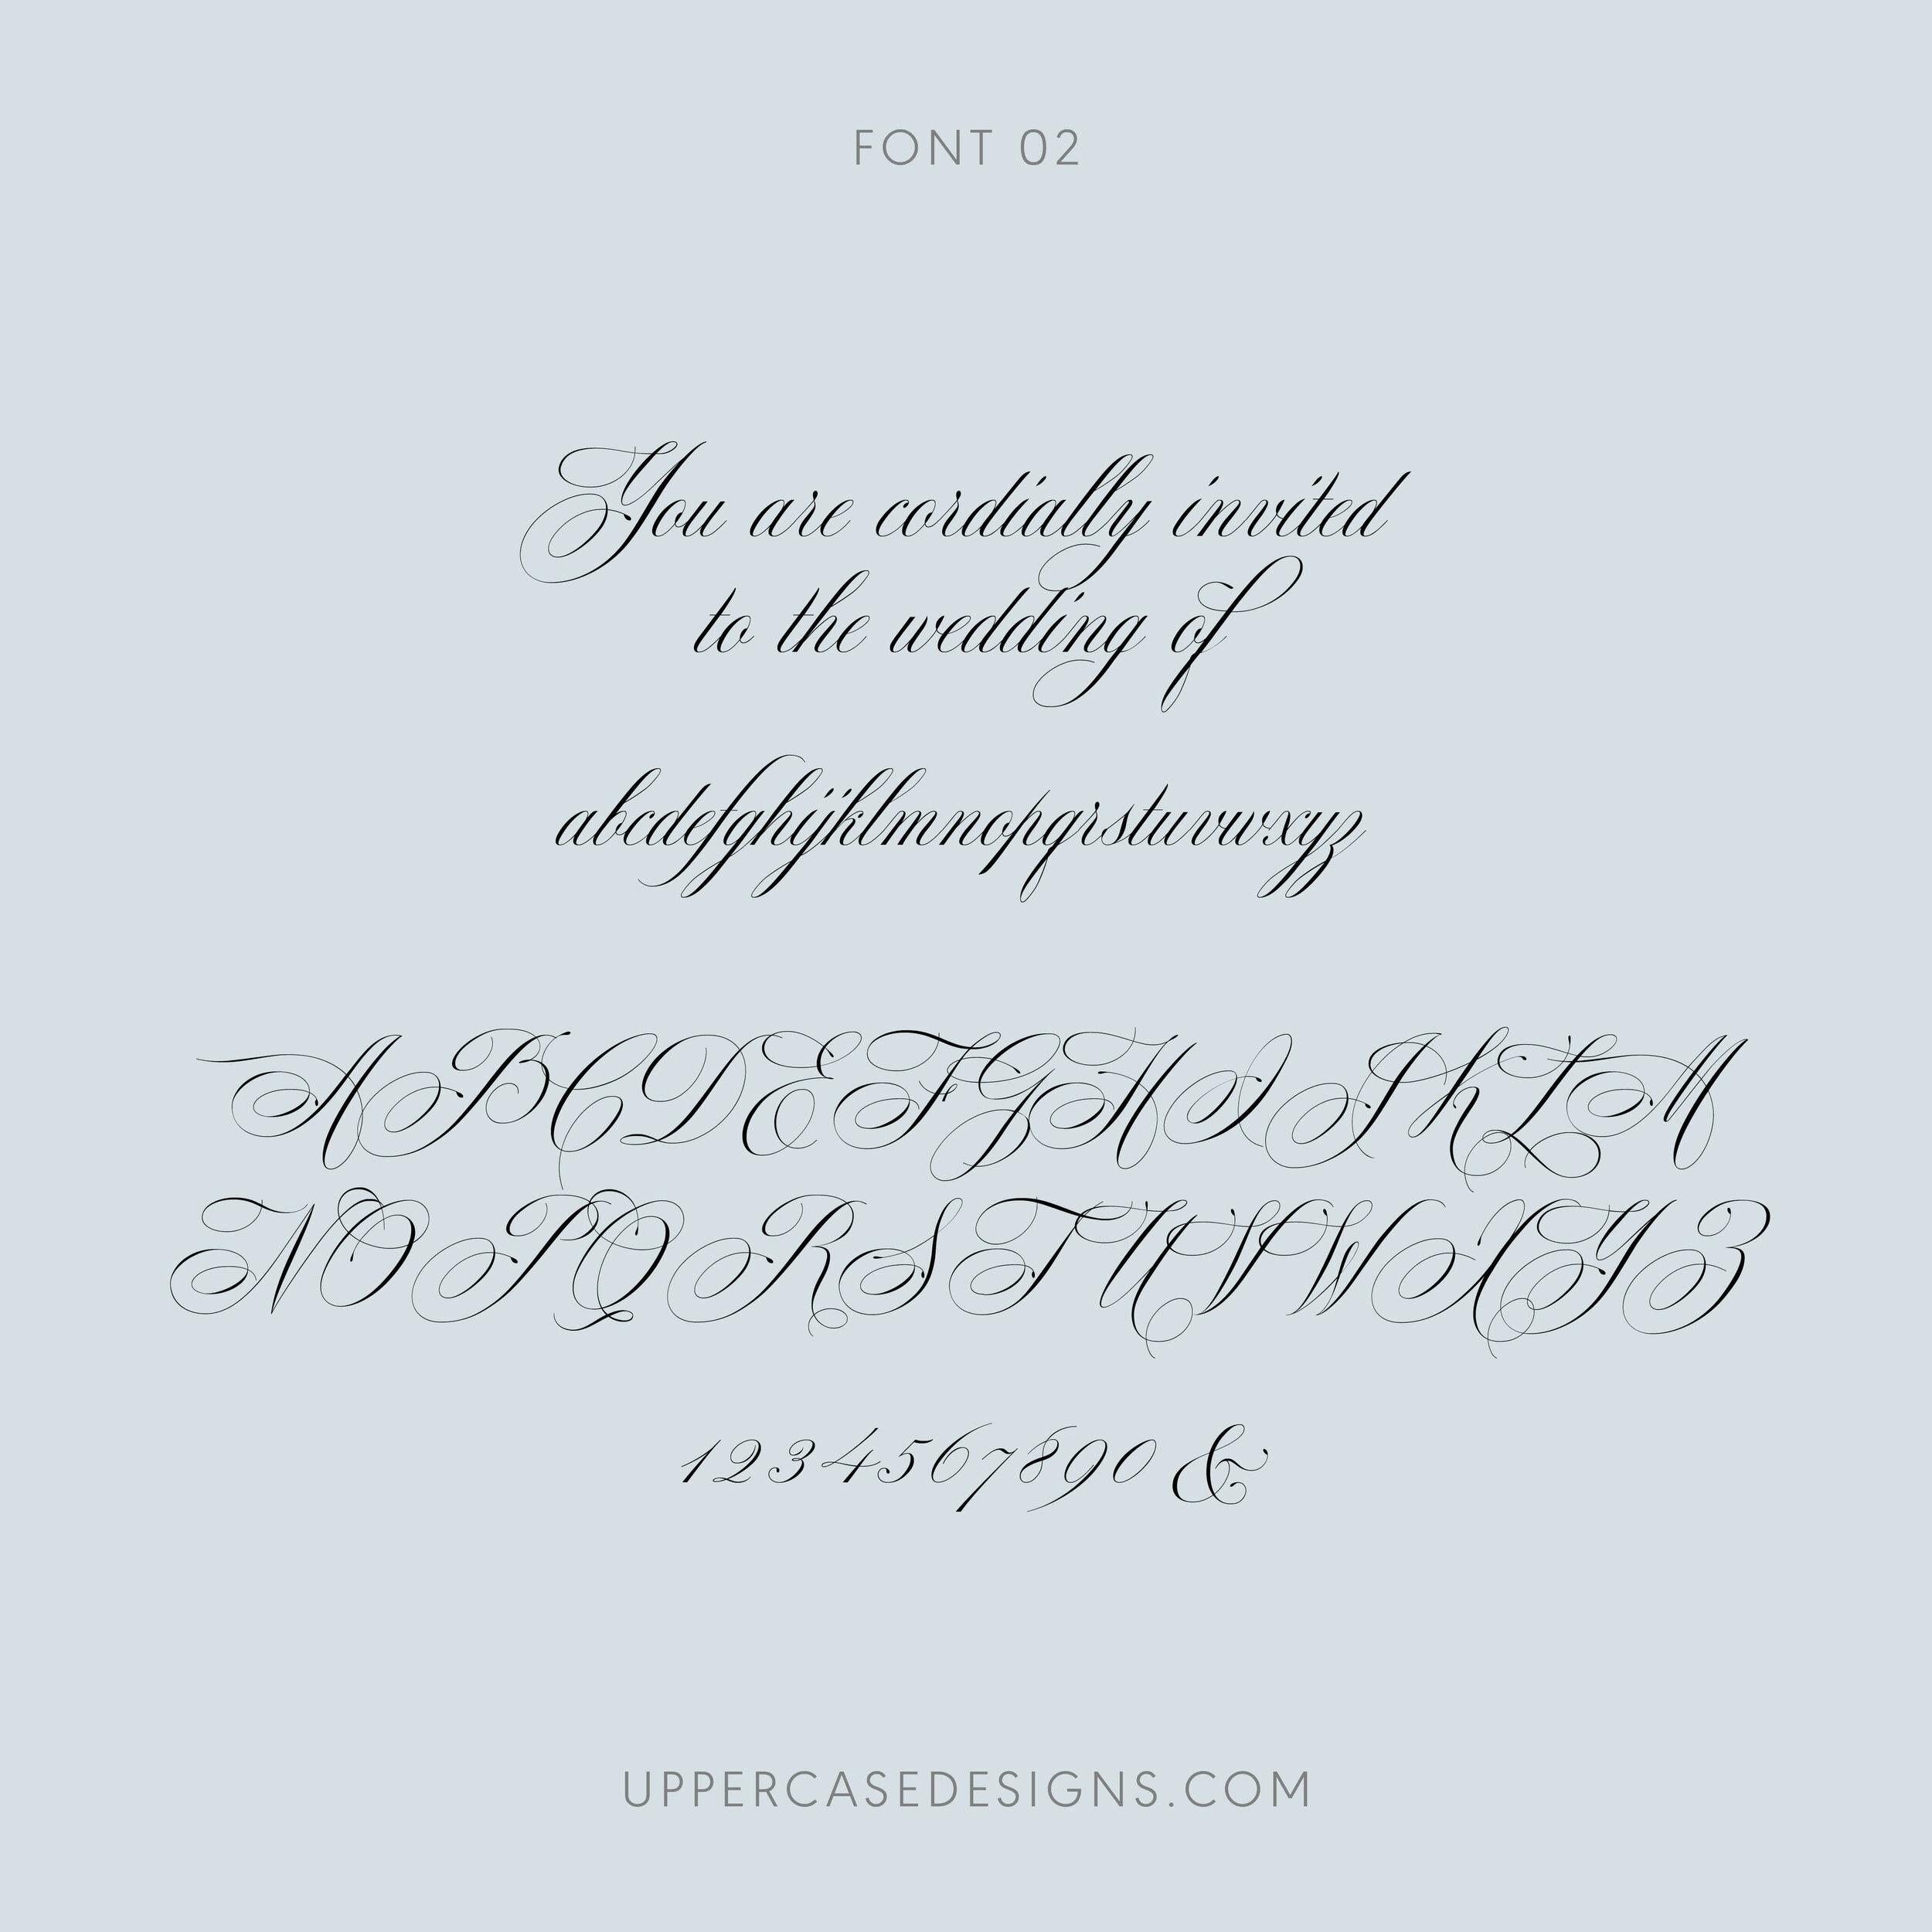 UppercaseDesigns-Fonts-20202.jpg